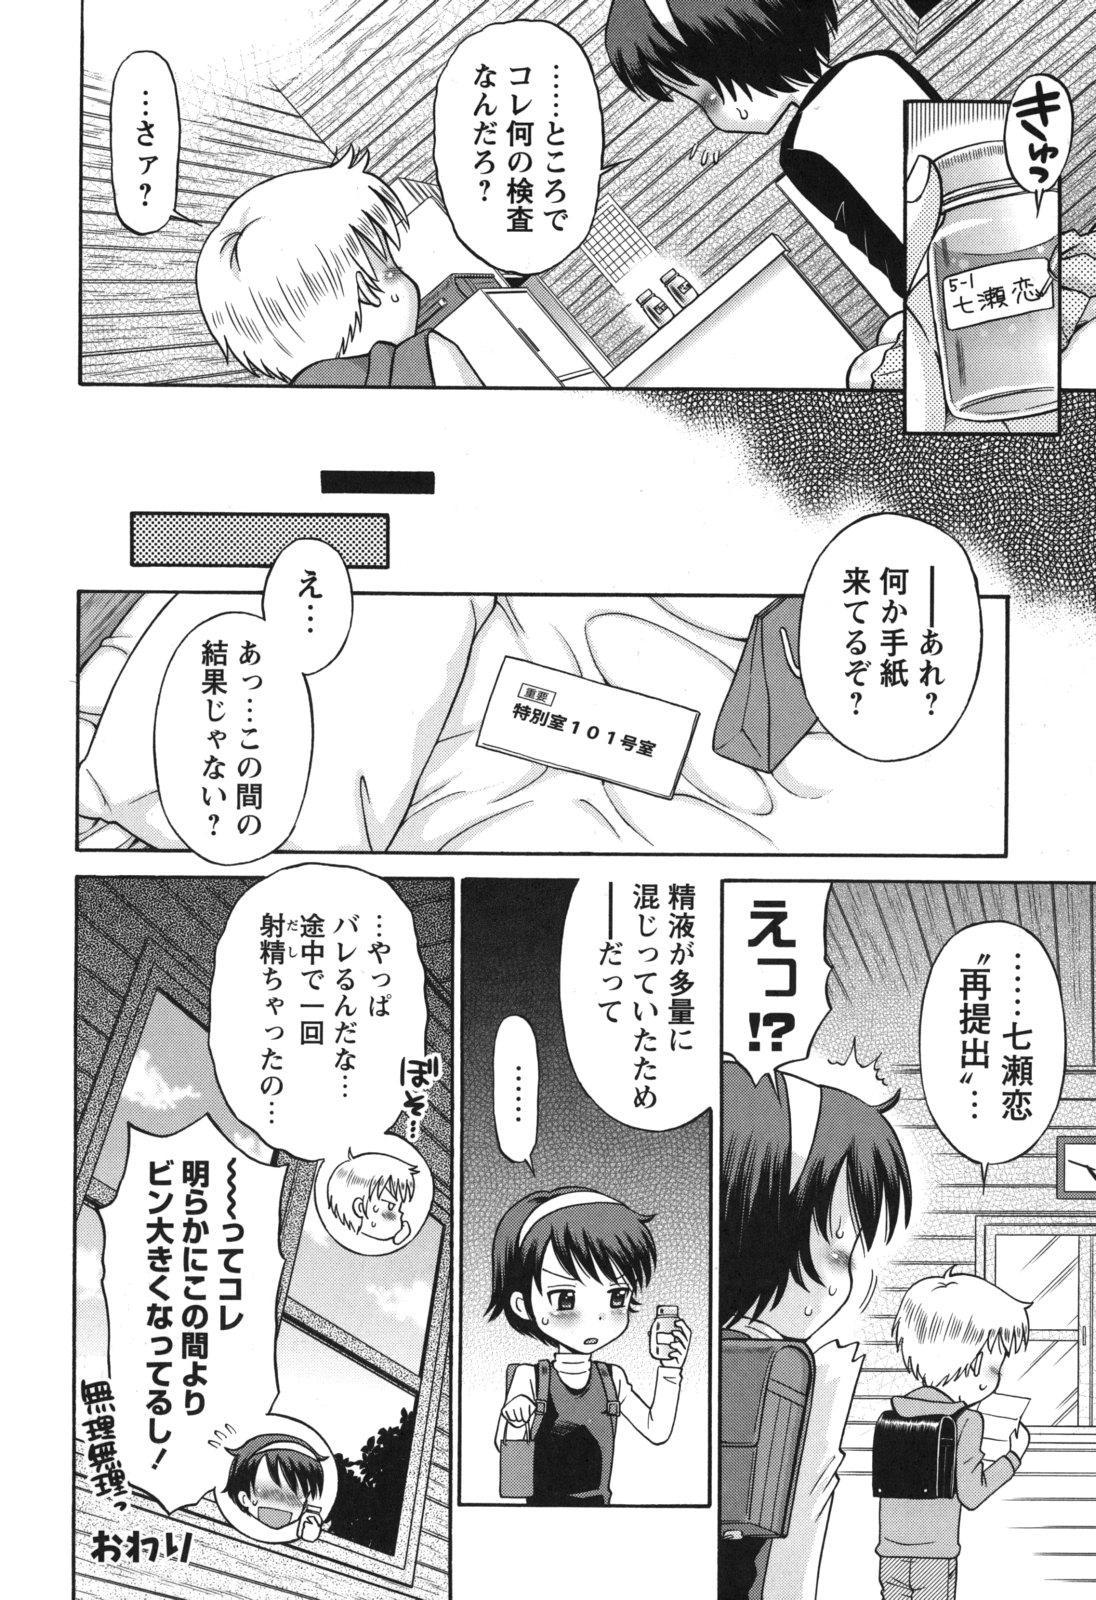 SOS! Sukebe na Osananajimi ga Shinobikondekimashita. 80